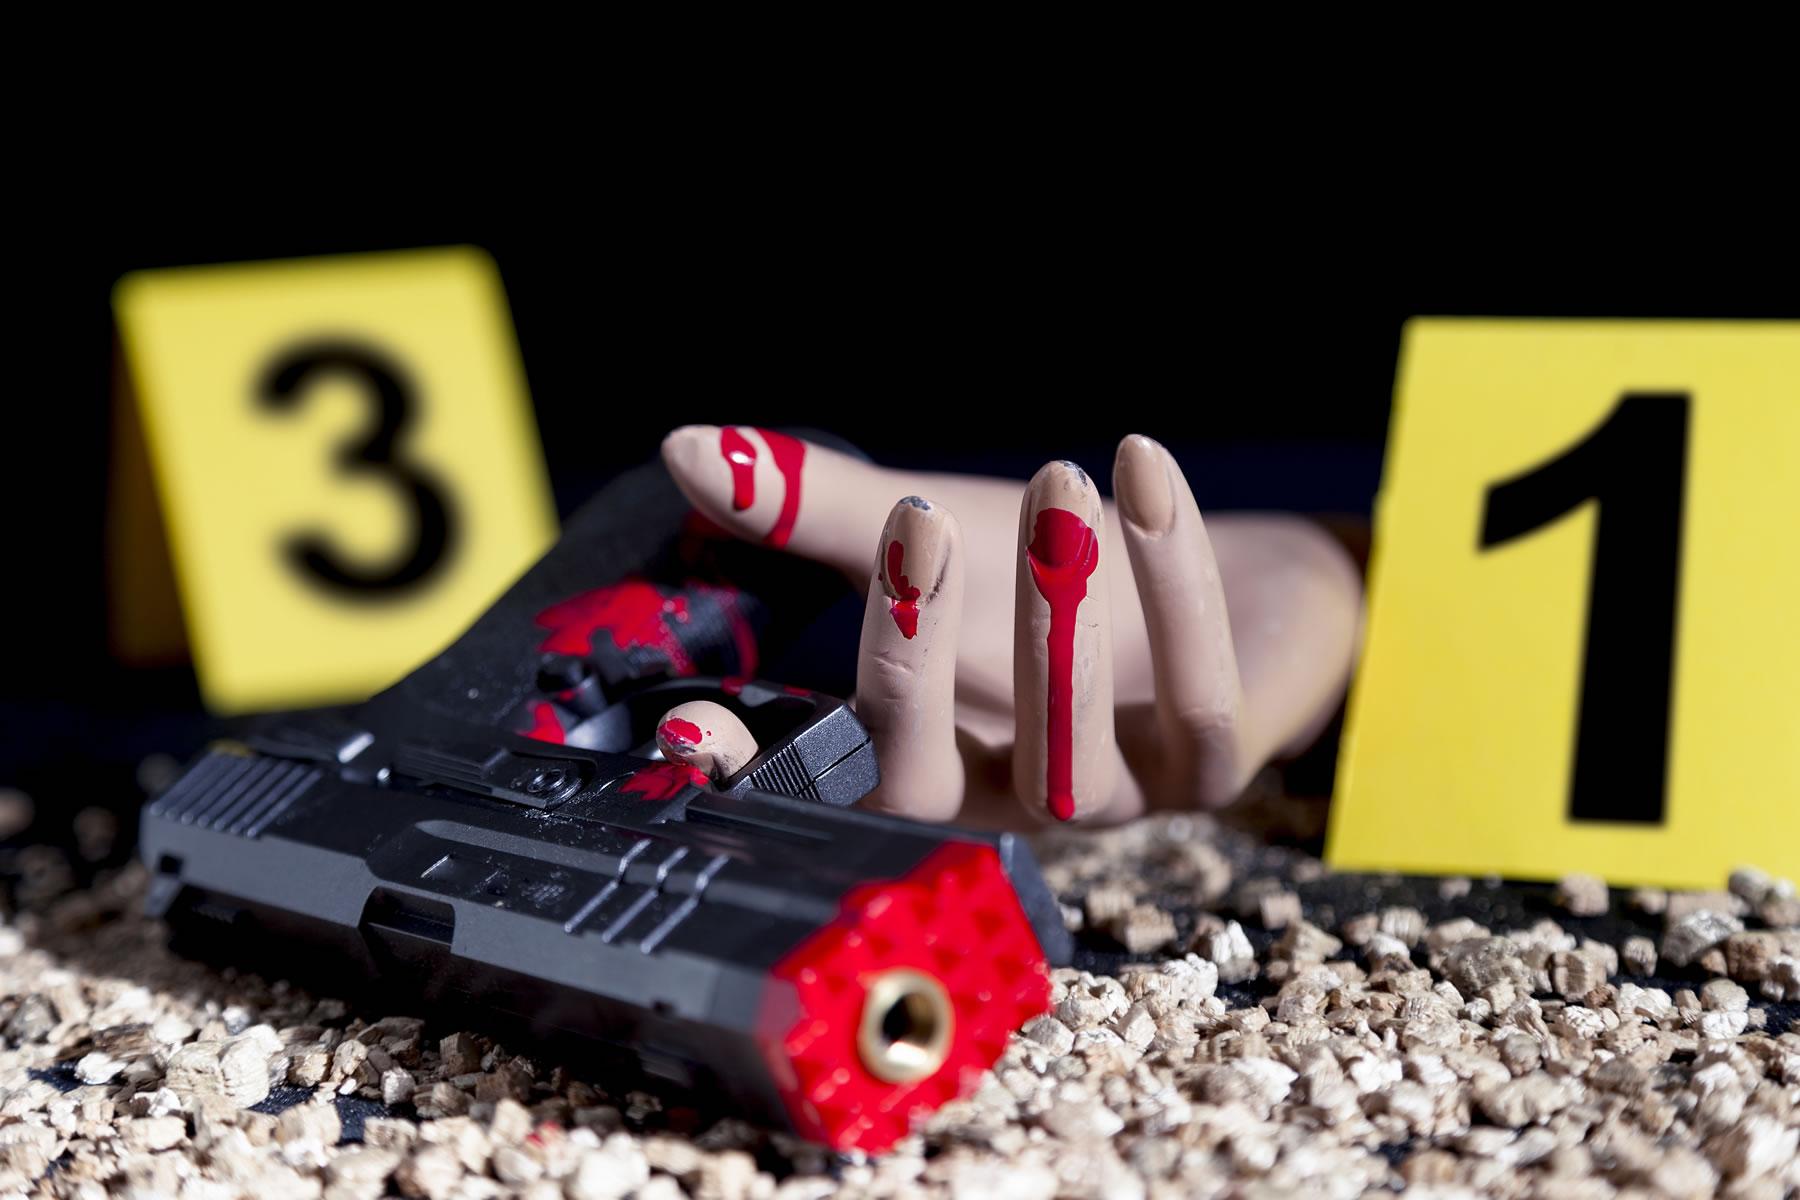 Wie heeft er een geldig alibi en wie niet? Los dit moordspel op!